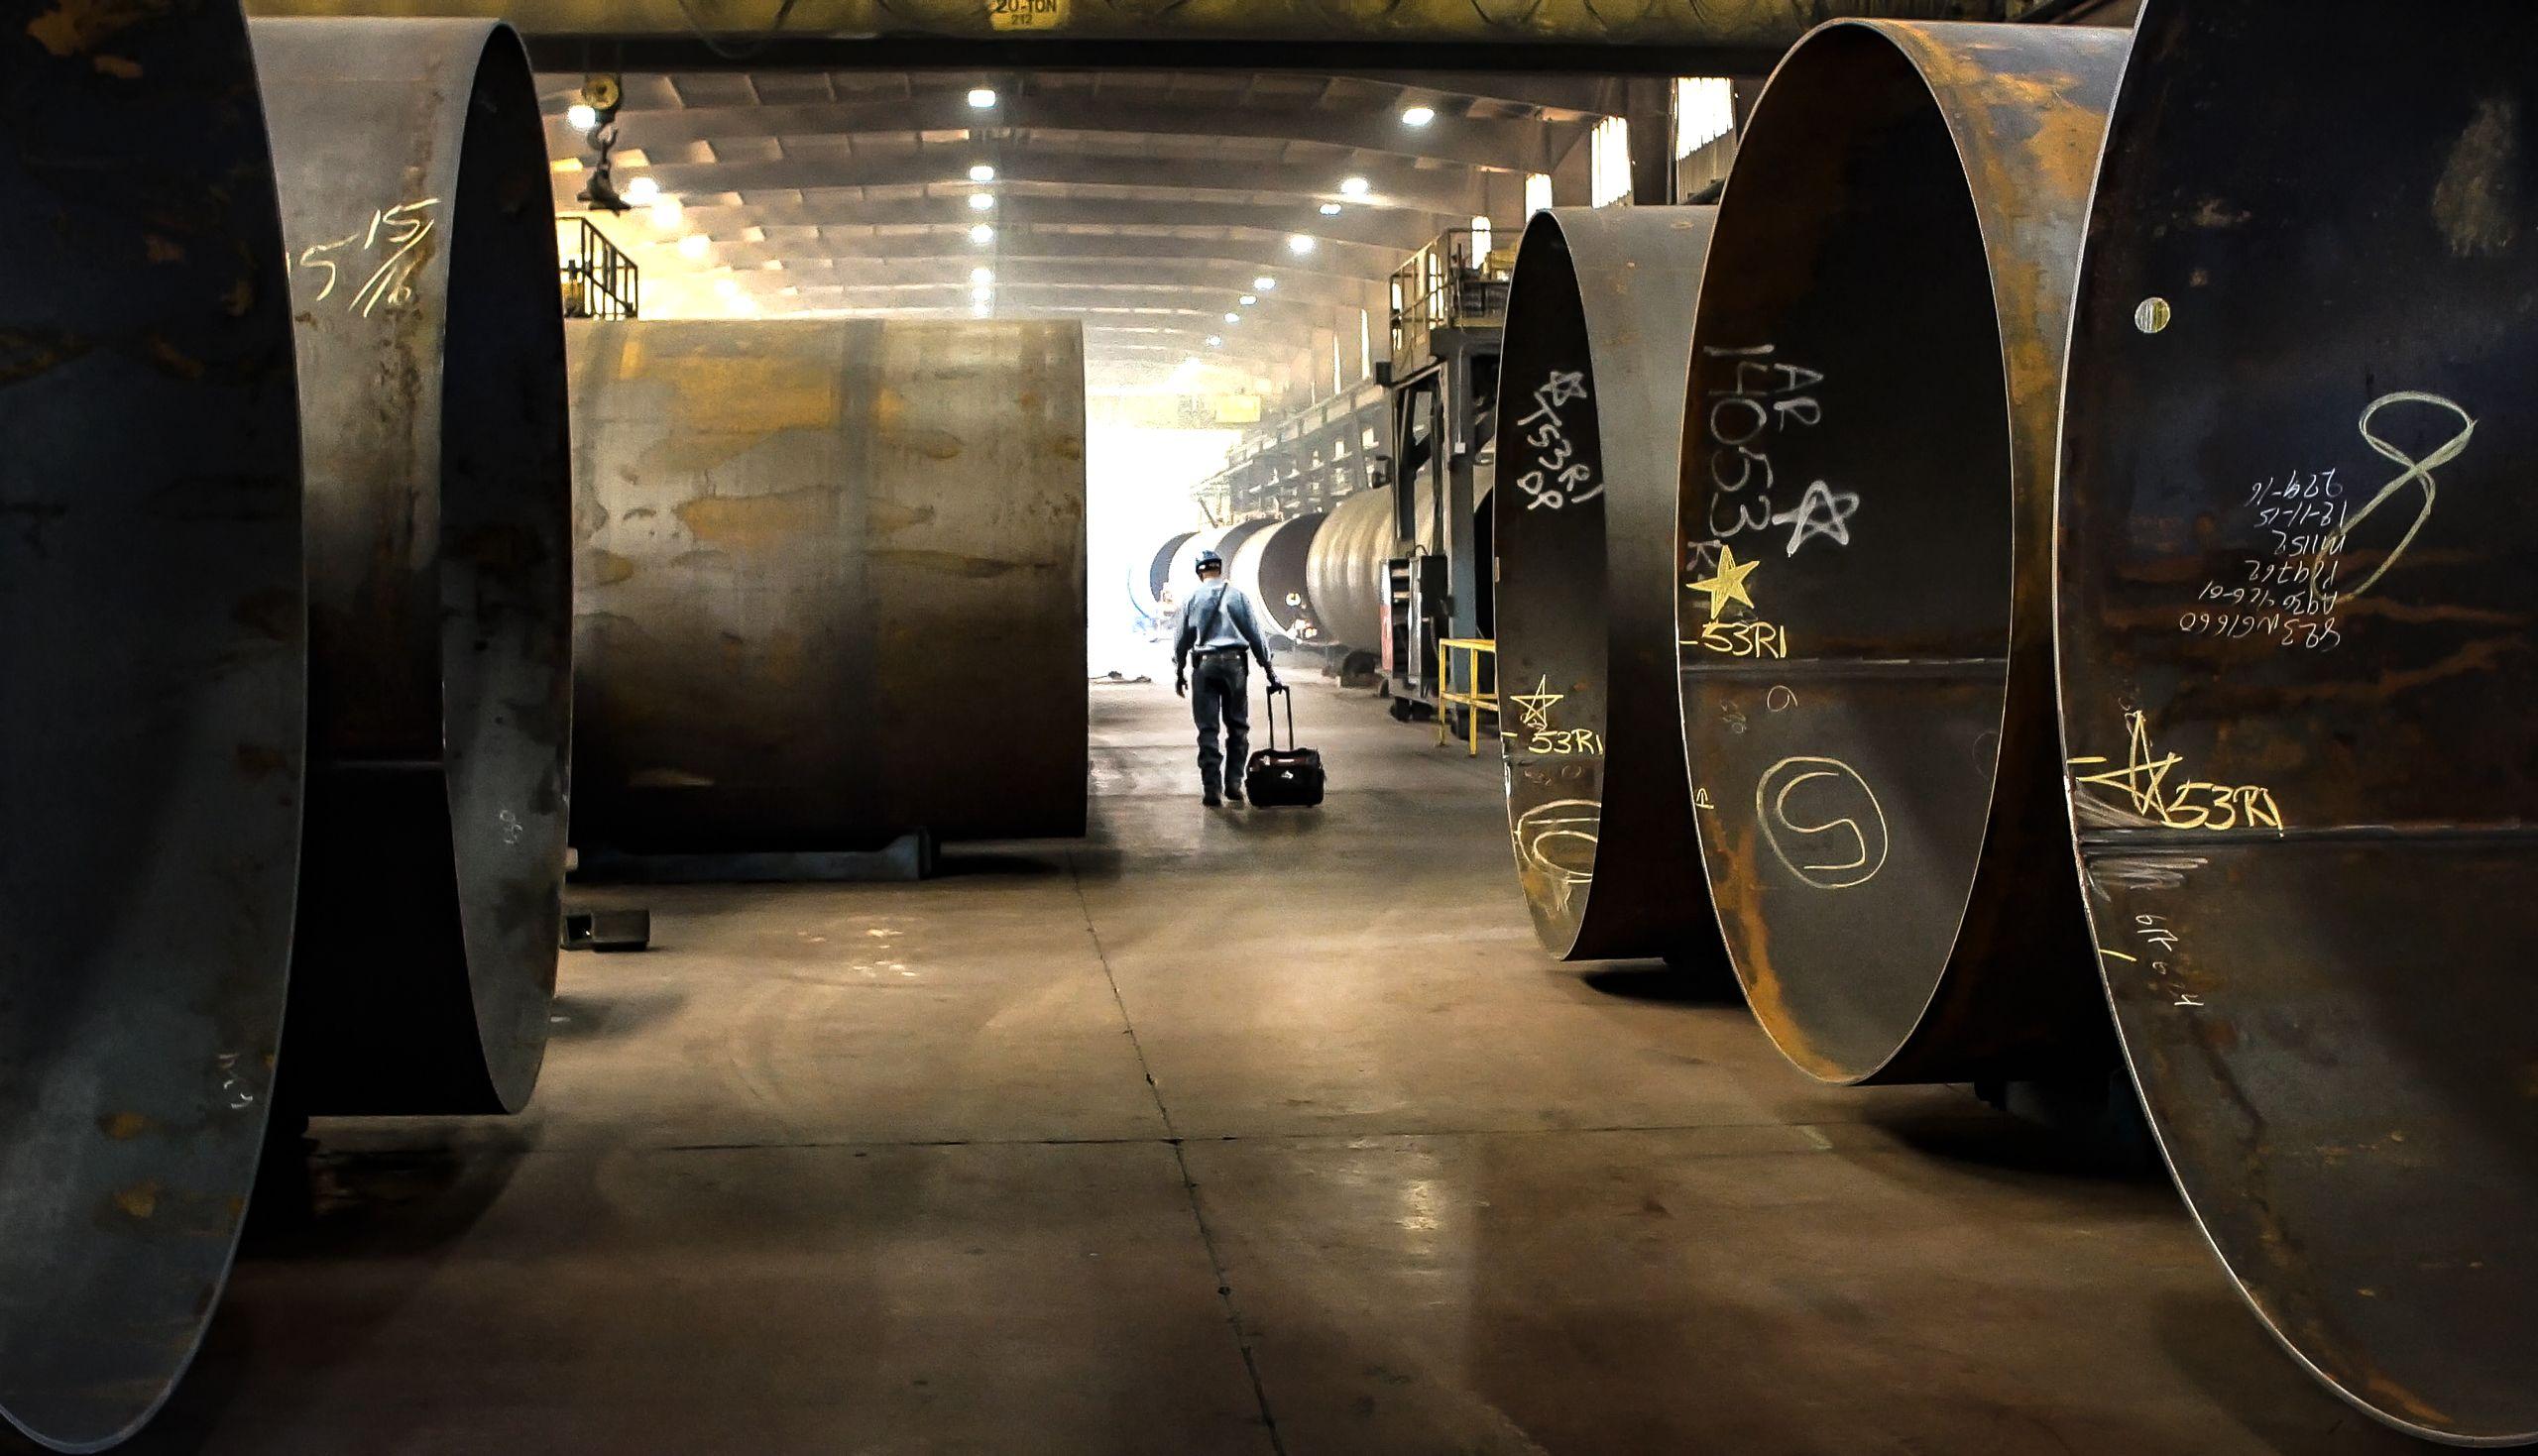 Railcar-Tanker-inspection.jpg